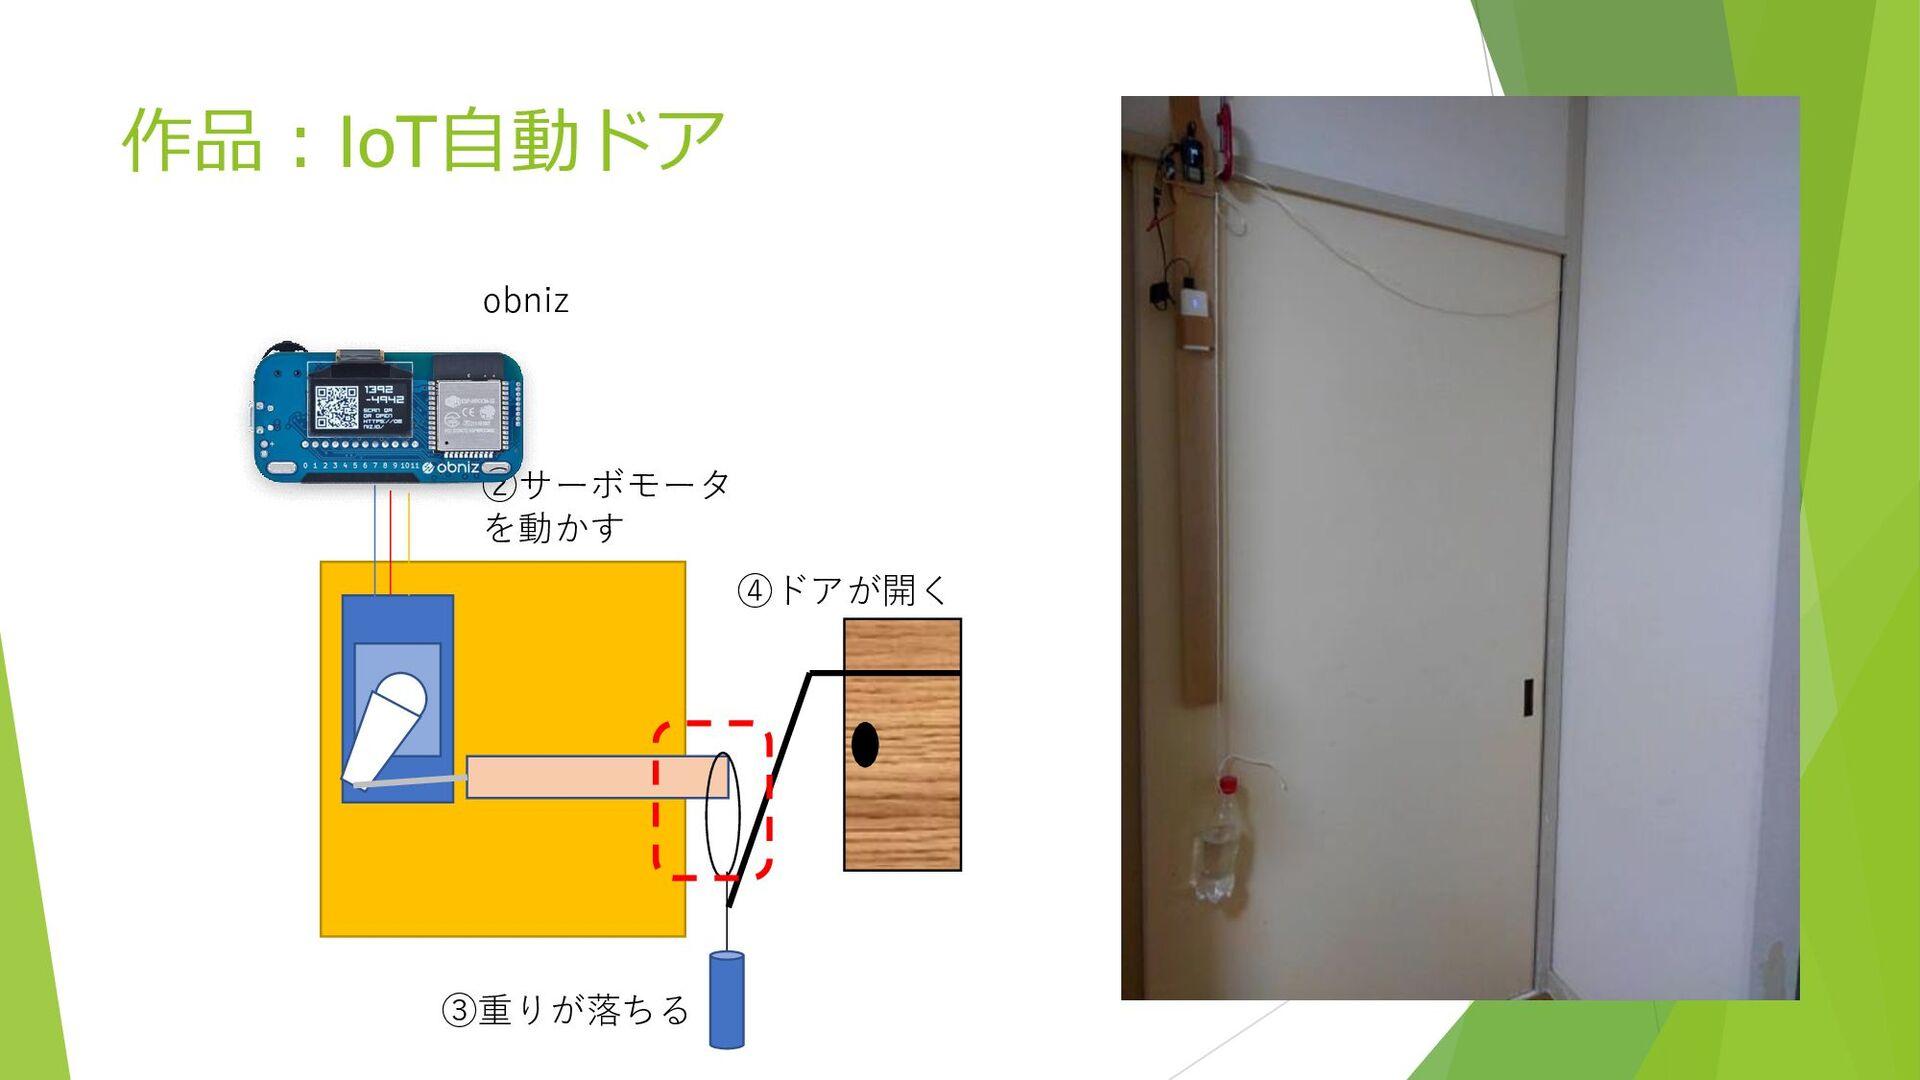 作品:IoT自動ドア ②サーボモータ を動かす ③重りが落ちる ④ドアが開く obniz